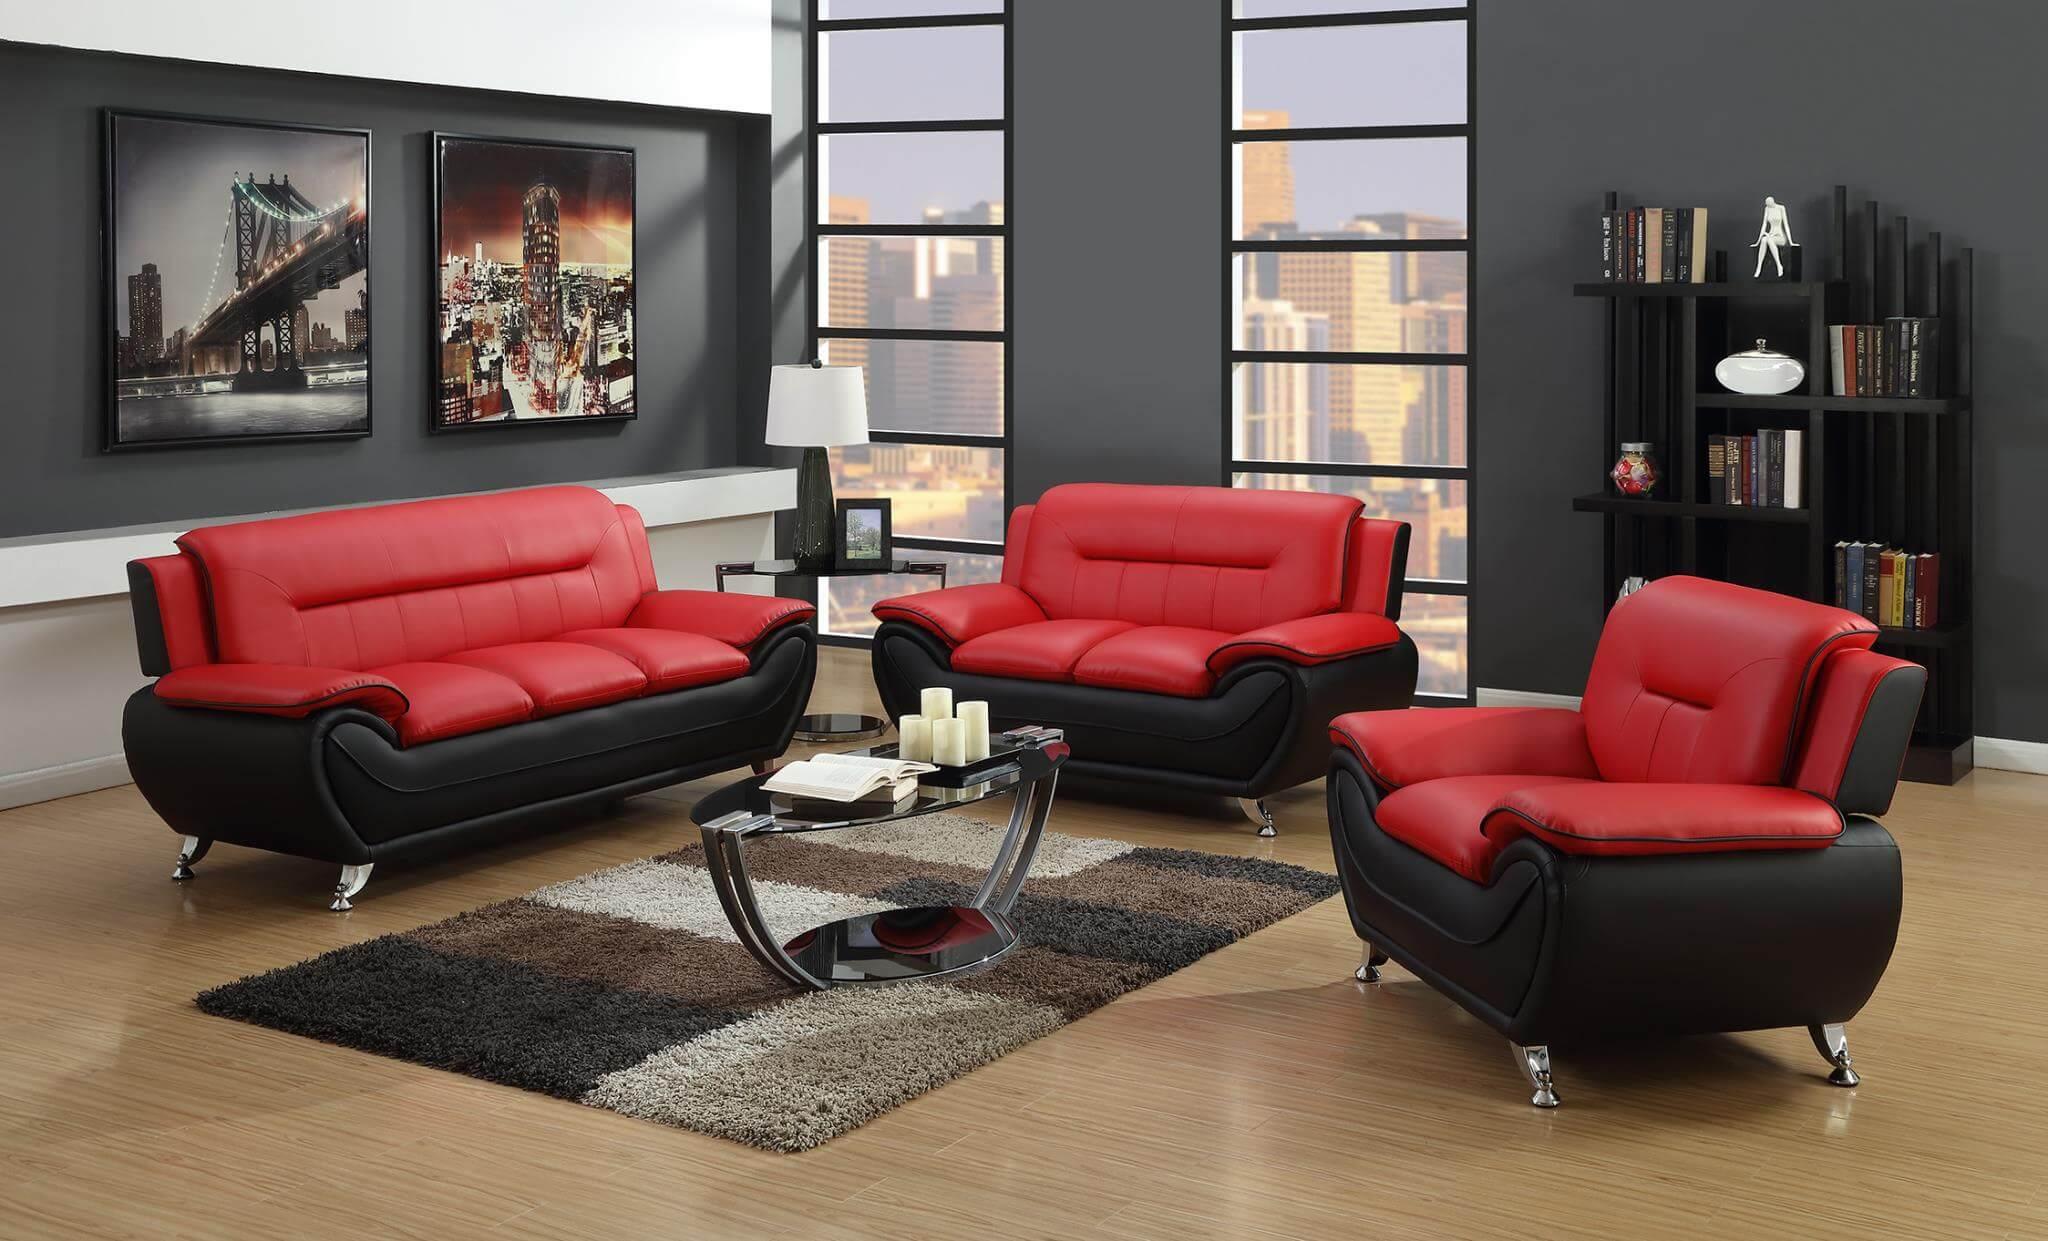 Modernt rött och svart vardagsrum